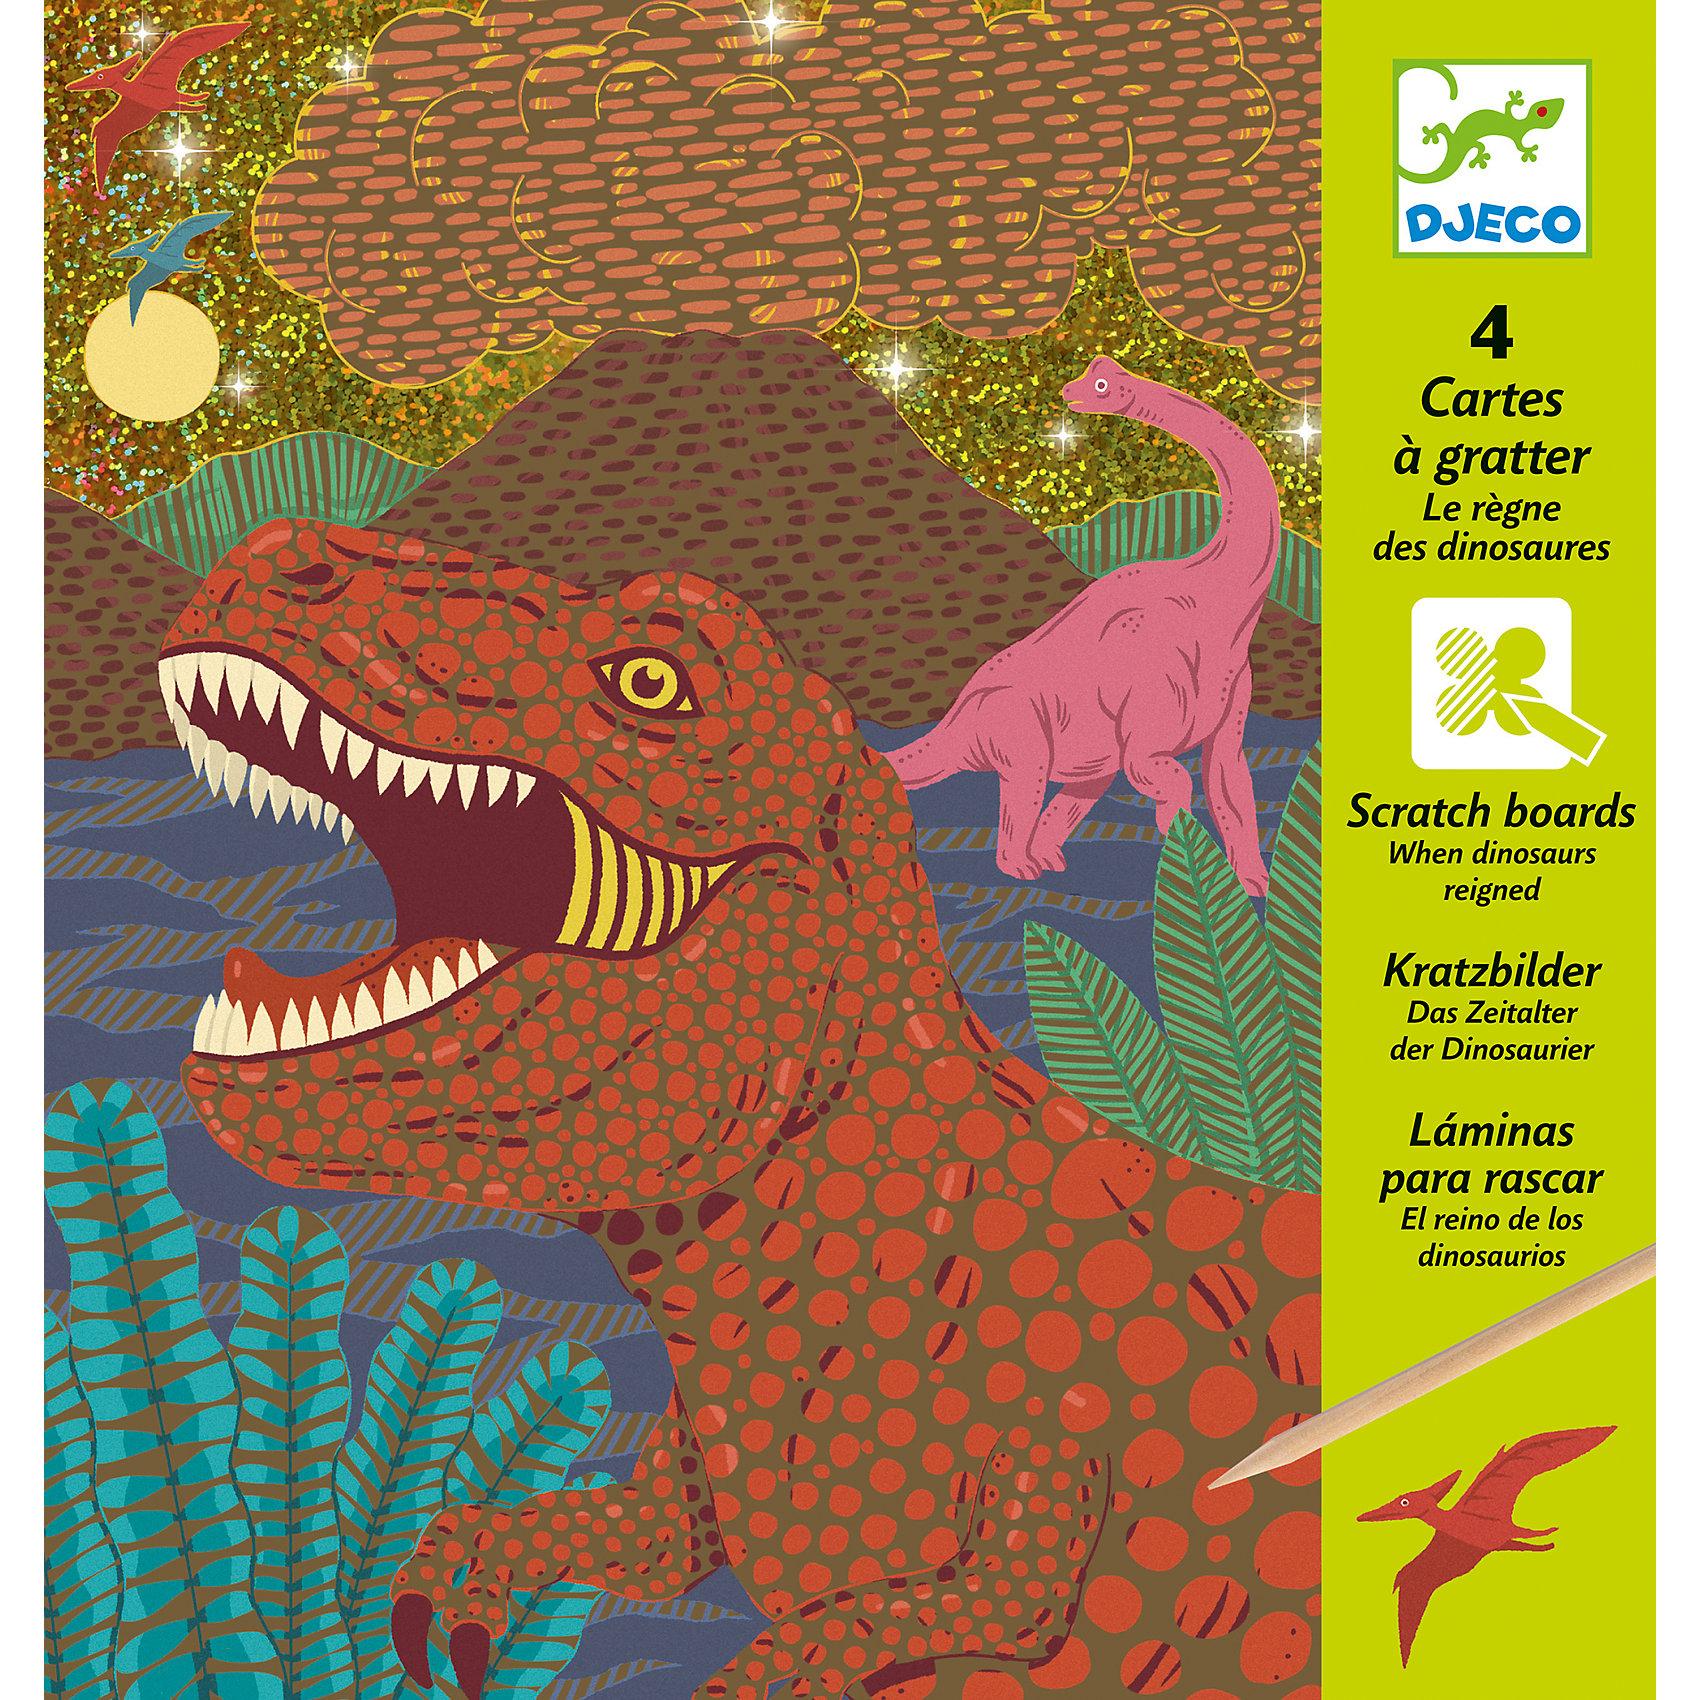 Набор для творчества Динозавр, DJECOГравюры для детей<br>Характеристики набора для творчества Динозавр:<br><br>• пол универсальный<br>• возраст: от 3 лет<br>• материал: бумага, дерево, блестки<br>• состав набора: 4 картинки, деревянный стек, подробная инструкция<br>• тип набора: создание картинок<br>• упаковка: картонная коробка<br>• размер упаковки: 22 x 23 см<br>• размер товара: 21 х 15 см.<br>• бренд: Djeco<br>• страна обладателя бренда: Франция<br><br>Набор Динозавр от французского производителя Djeco - необычный набор для детского творчества с удивительным сюрпризом. Используя обыкновенную деревянную палочку, ребенок царапает по картинке, и постепенно начинают проявляться штриховки и узоры. Каждая картинка имеет слои, которые нужно будет стирать палочкой, получая спрятанное за ними изображение. Легко и просто, как по волшебству, получаются красивые картинки, изображающие грозных доисторических обитателей нашей планеты. Некоторые части картинок украшены мерцающими блестками. <br><br>Набор для творчества Динозавр торговой марки Djeco (Джеко) можно купить в нашем интернет-магазине.<br><br>Ширина мм: 220<br>Глубина мм: 230<br>Высота мм: 20<br>Вес г: 108<br>Возраст от месяцев: 72<br>Возраст до месяцев: 2147483647<br>Пол: Унисекс<br>Возраст: Детский<br>SKU: 5448825